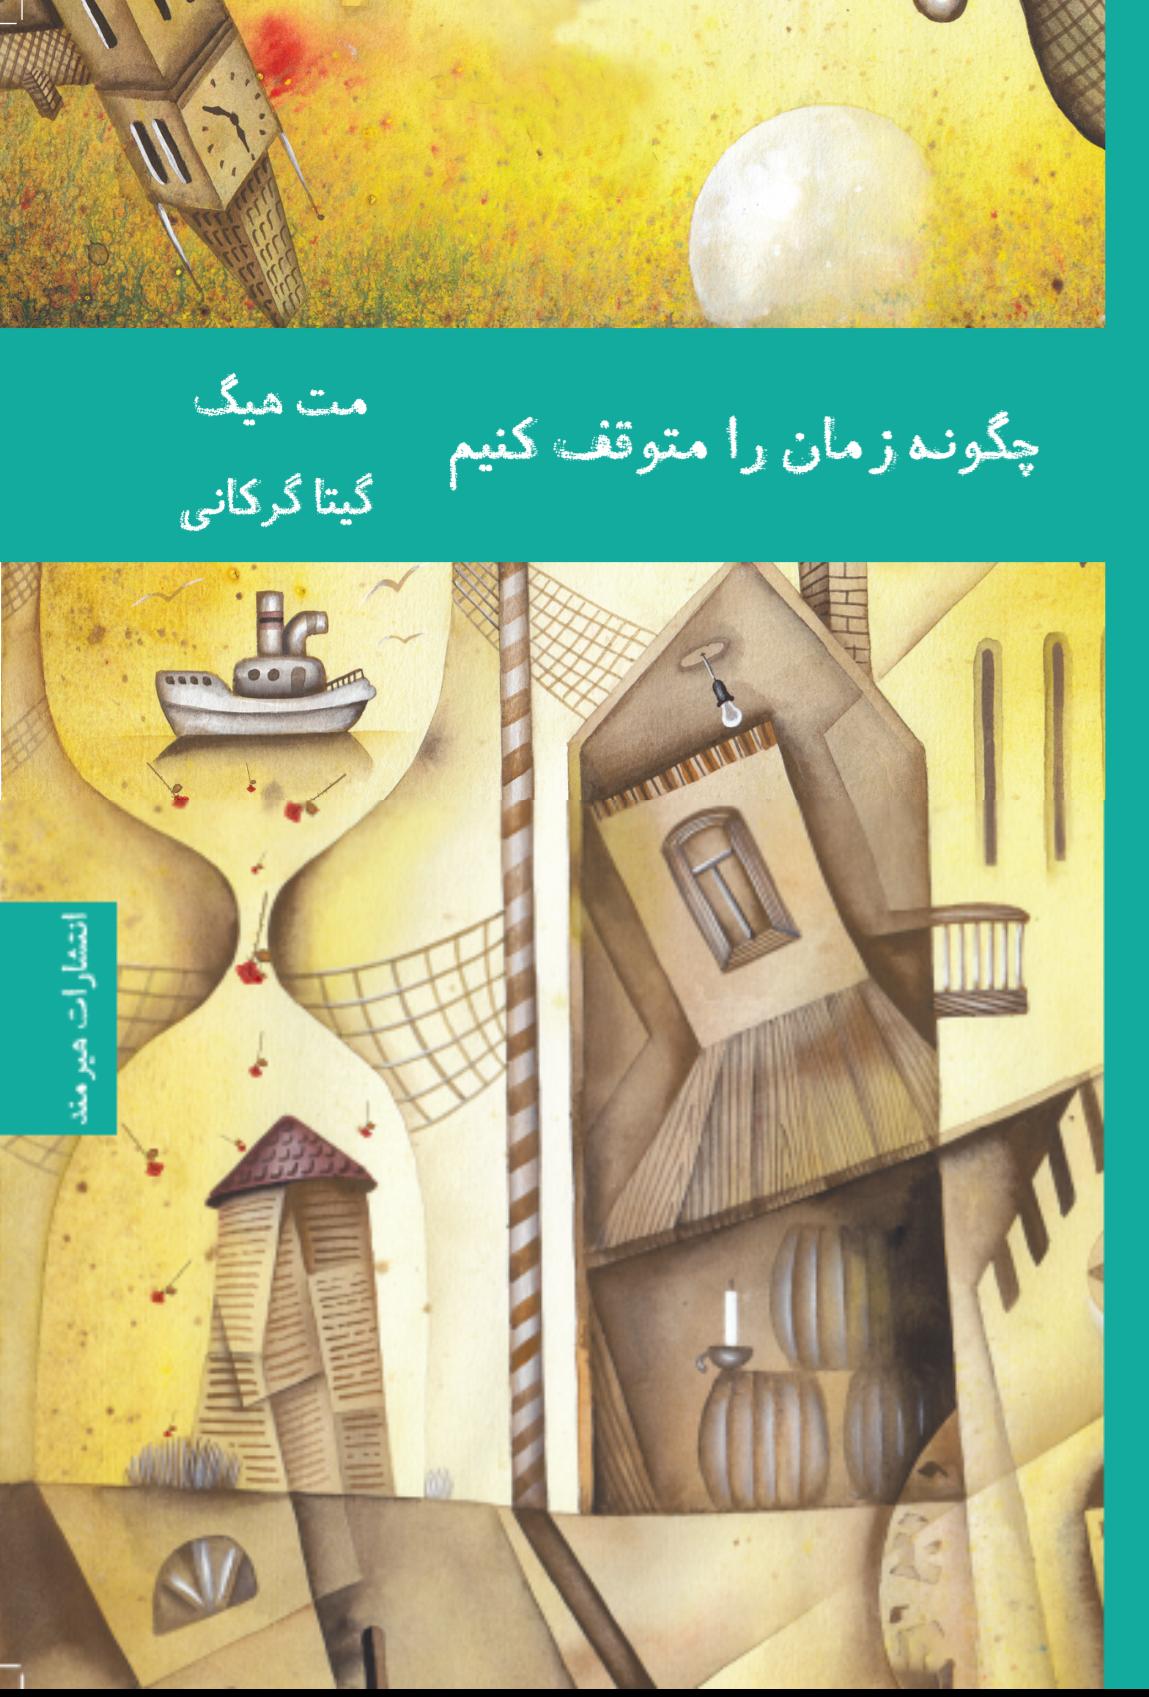 راهنمای کتابهای پیشنهادی برای روزهای خانهنشینی